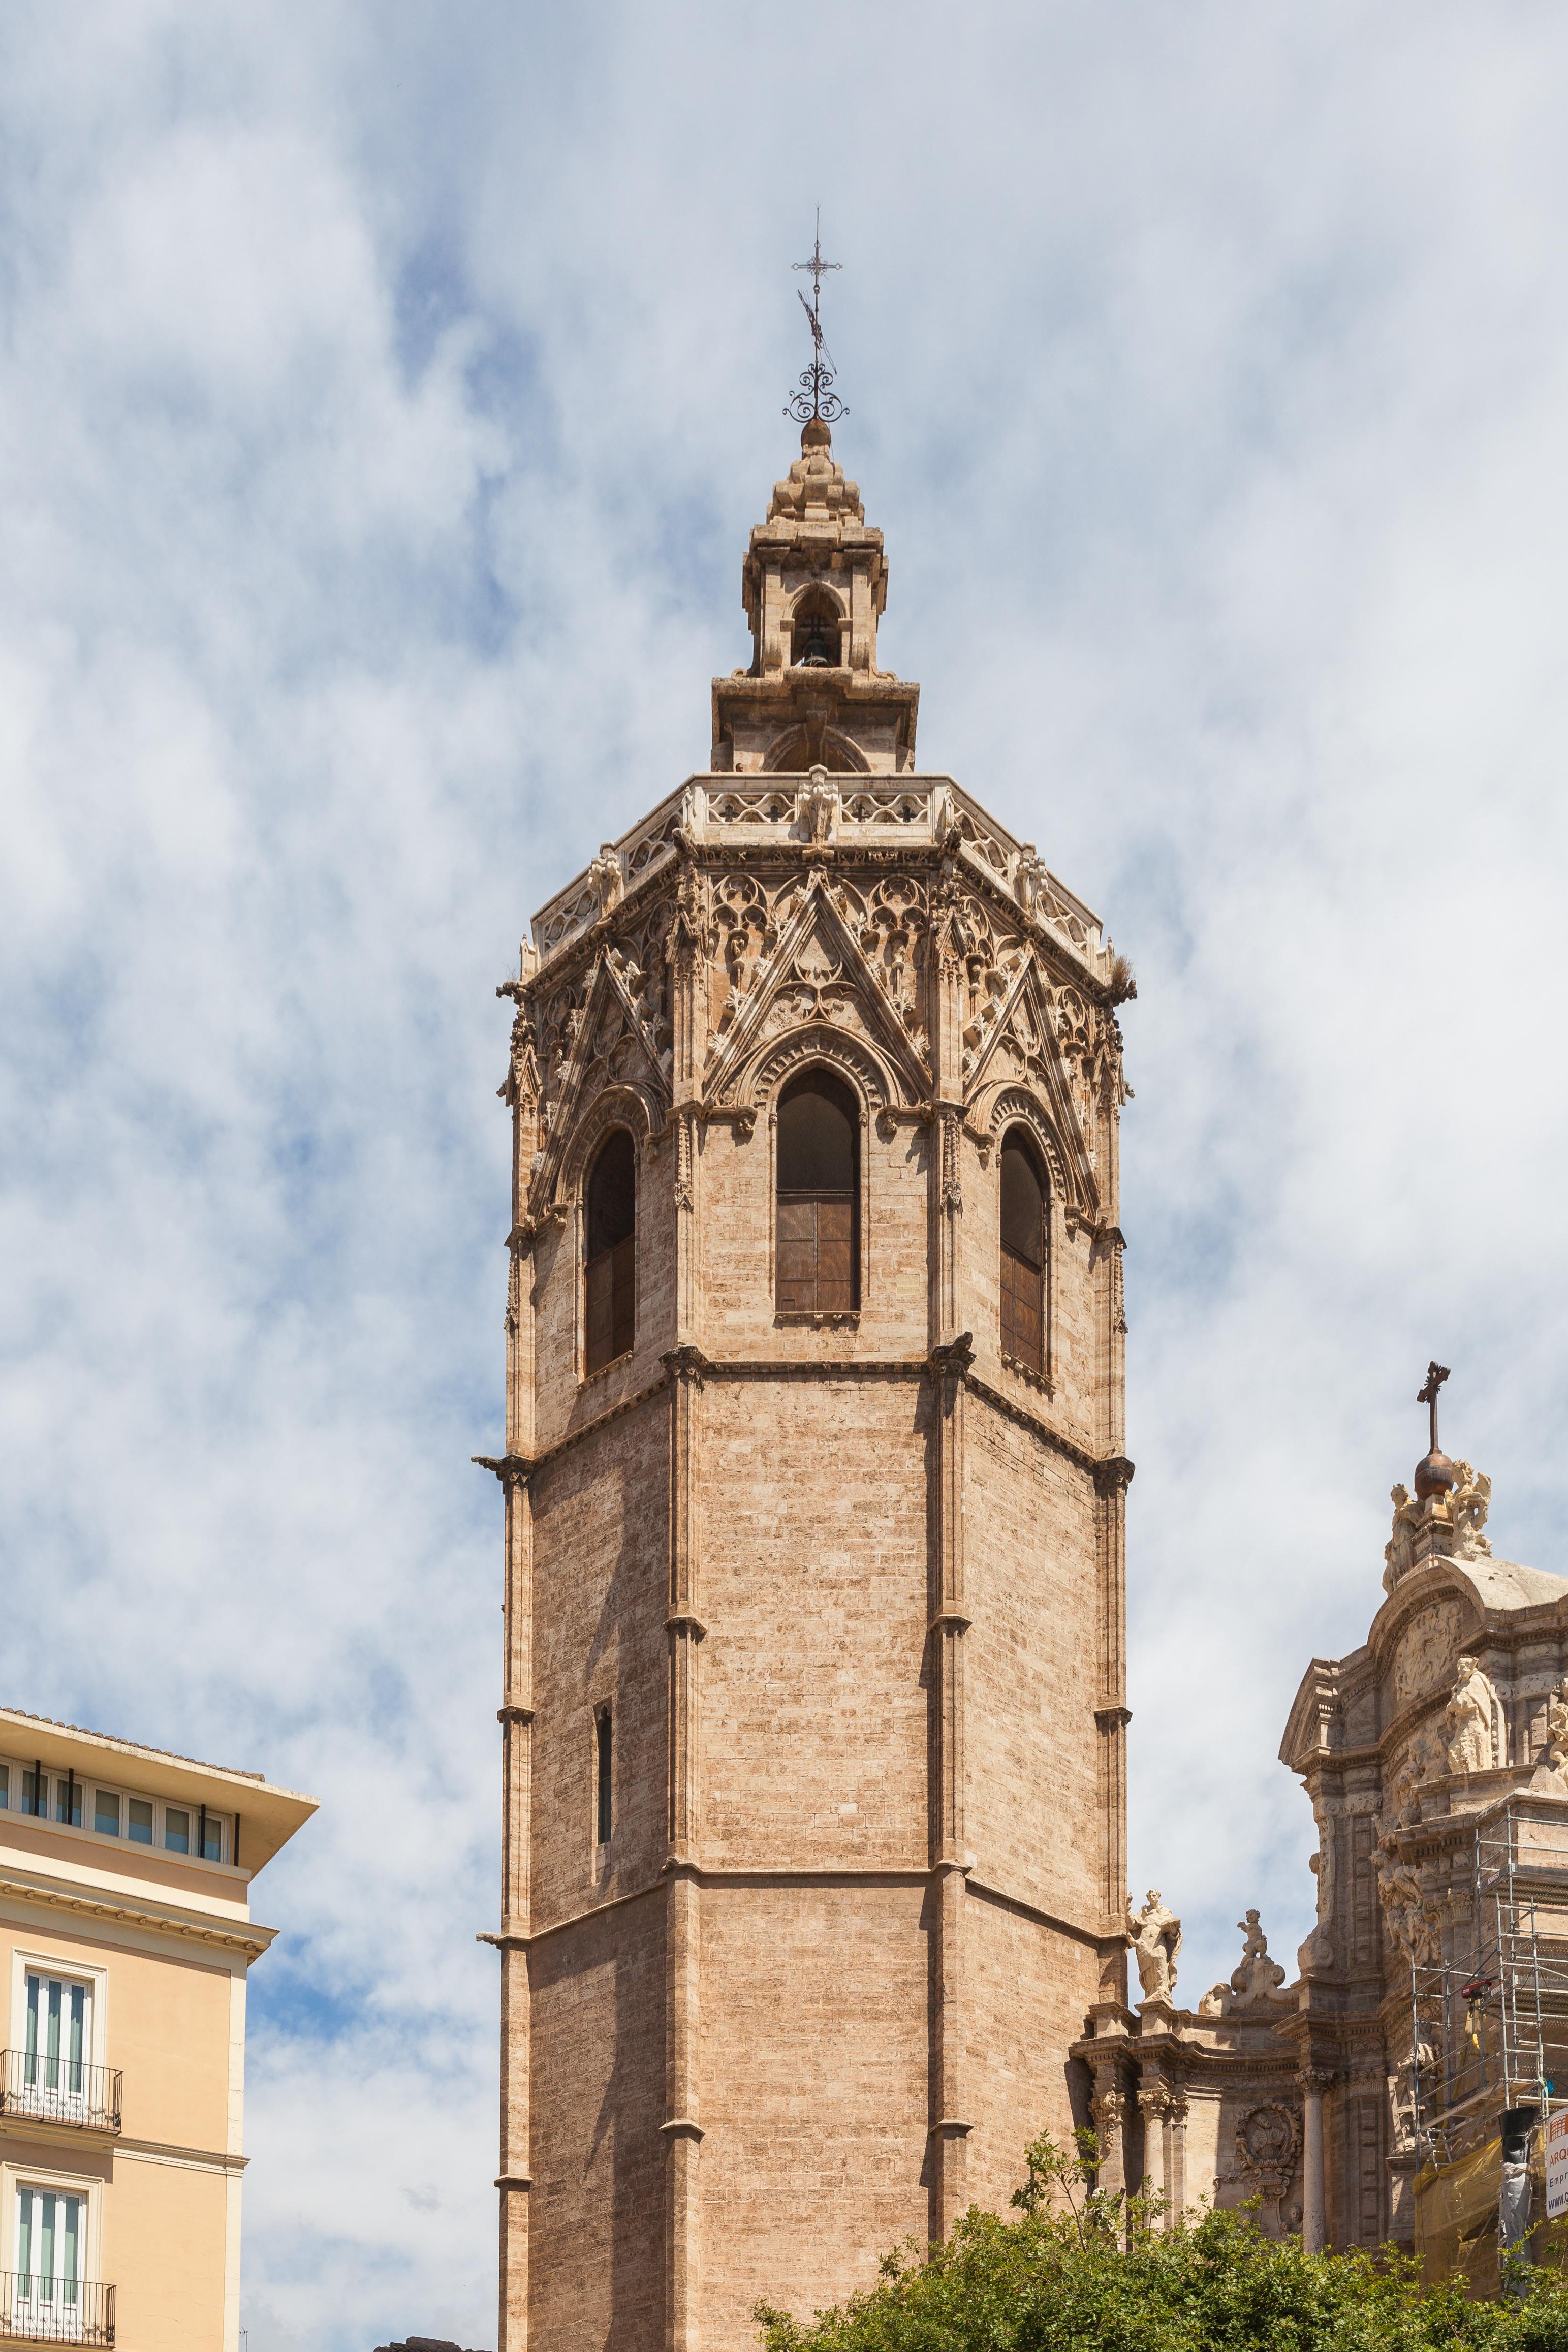 File:Catedral de Valencia, Valencia, España, 2014-06-29, DD 16.JPG - Wikipedia